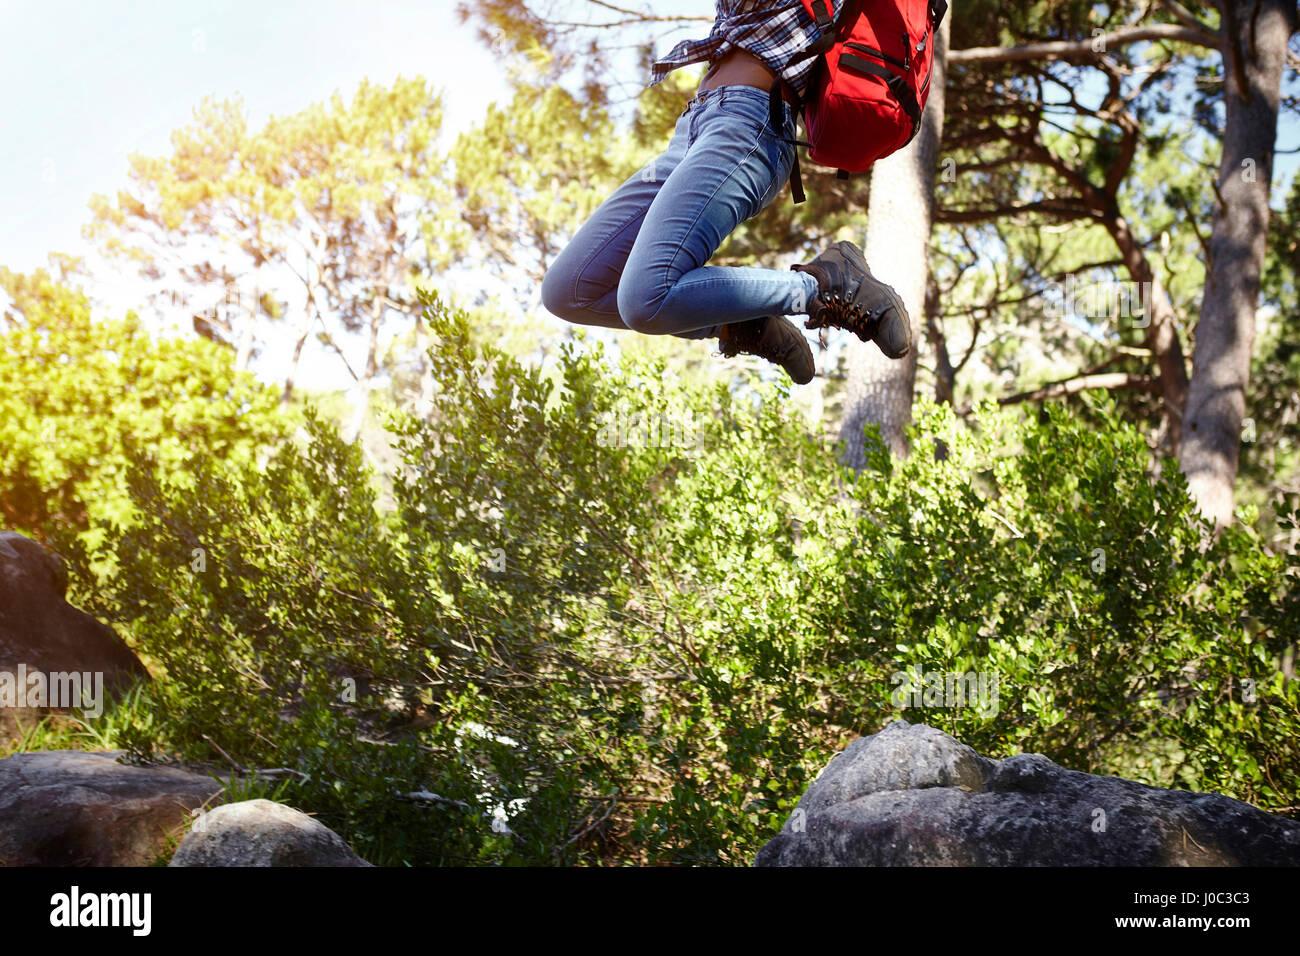 Mujer joven, vistiendo una mochila, saltar en el aire, bajo la sección Imagen De Stock